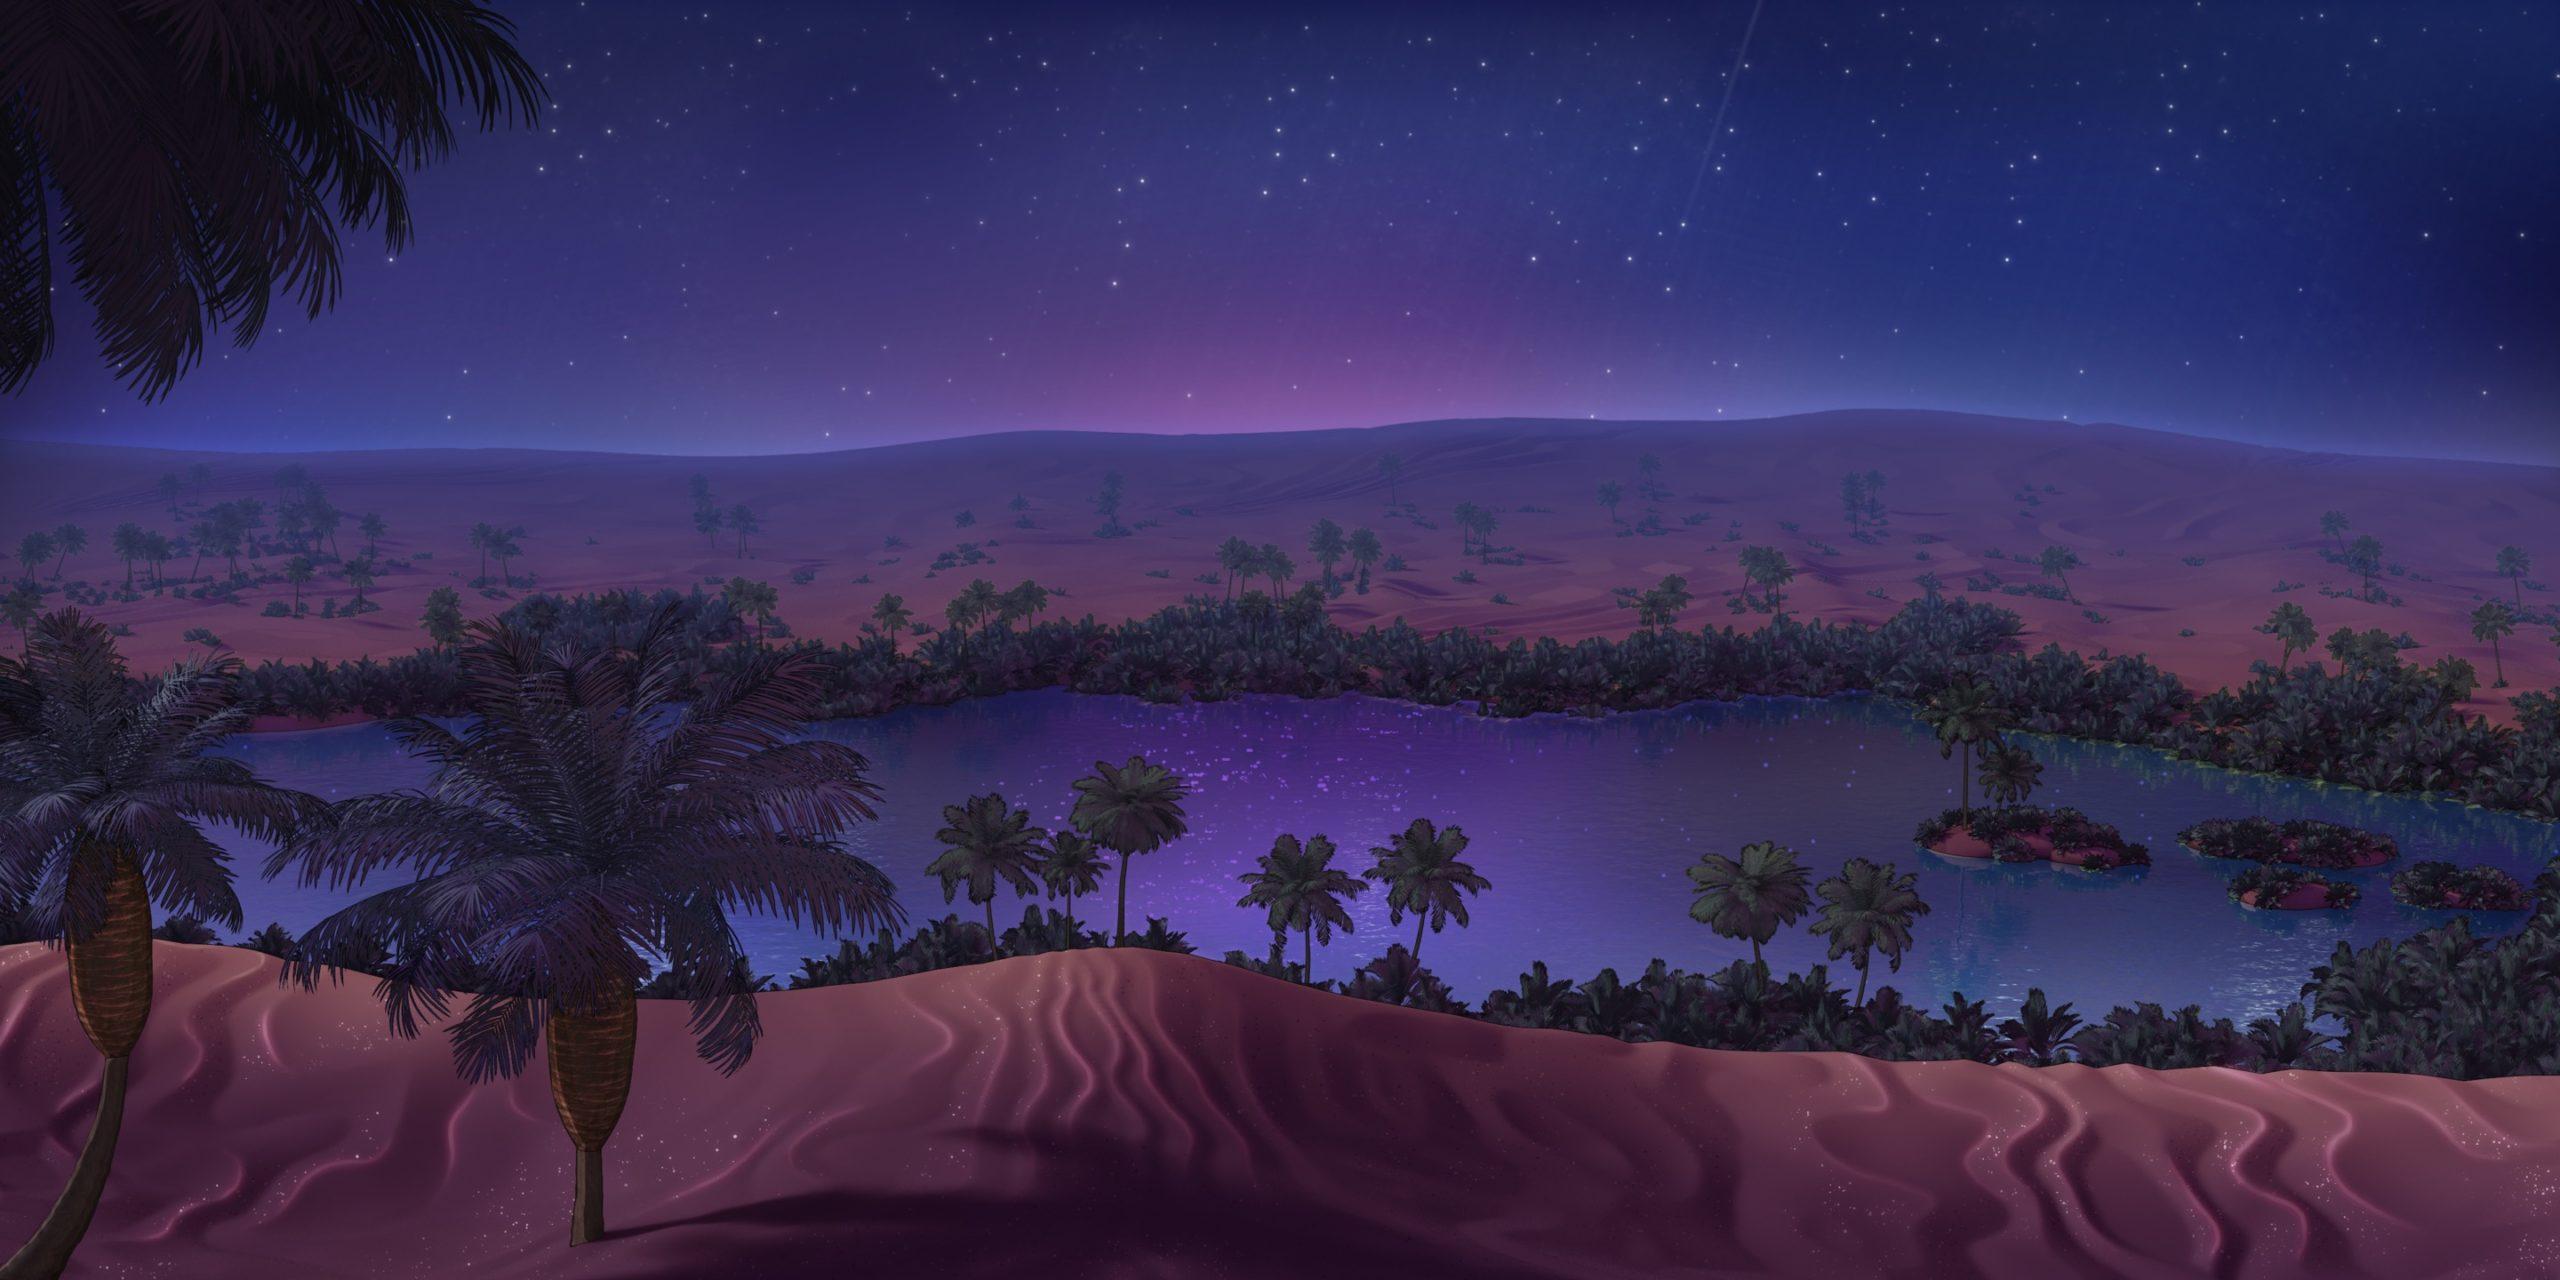 Sebastian personnage de Is It Love et vue d'un oasis